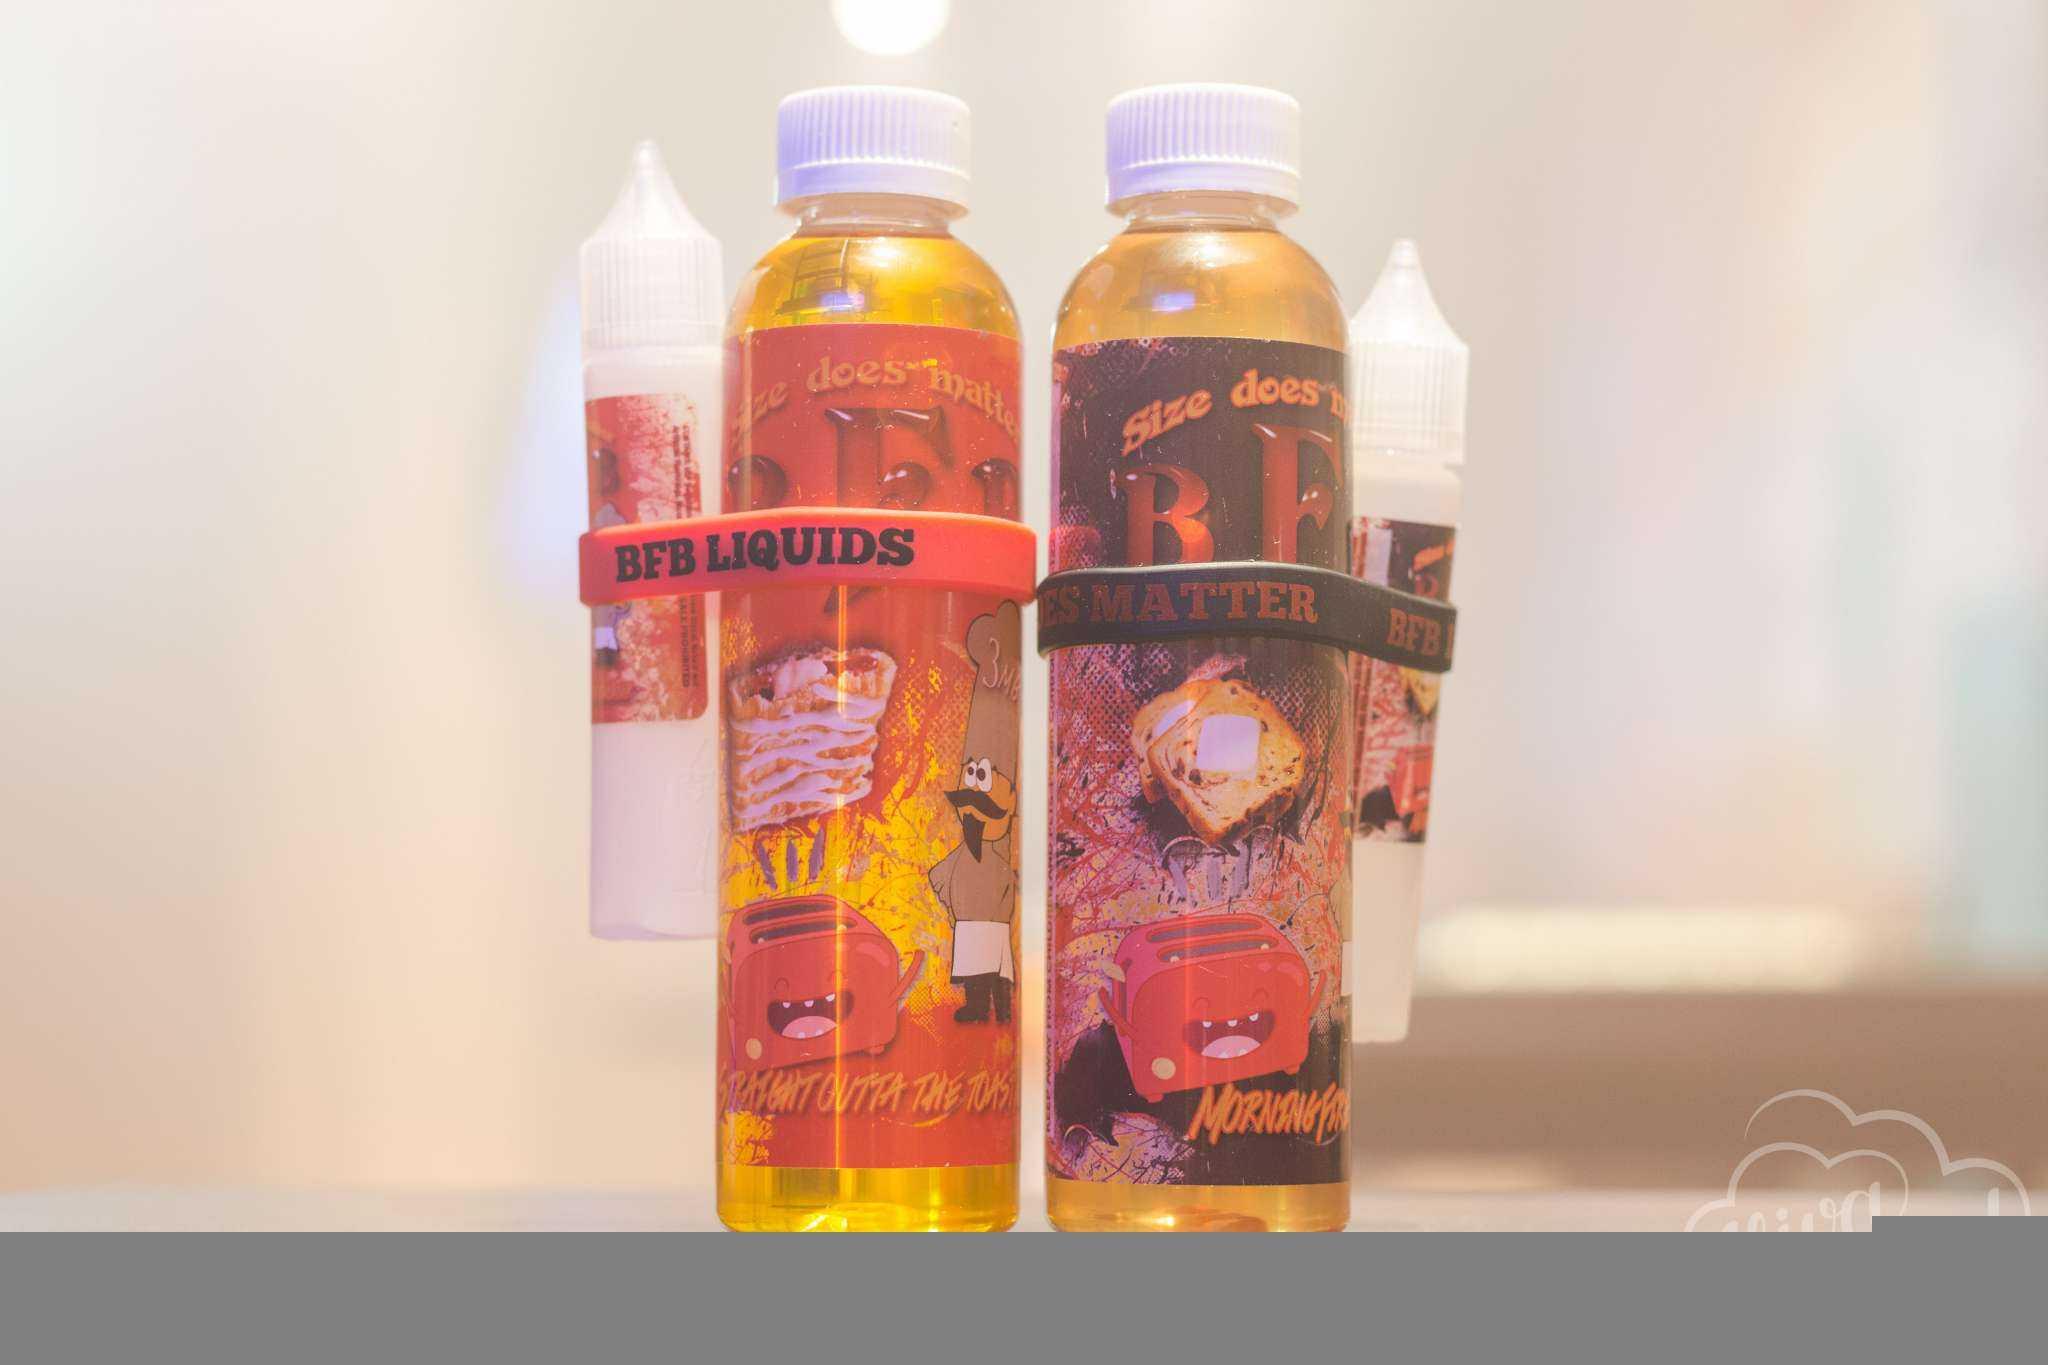 BFB Liquids